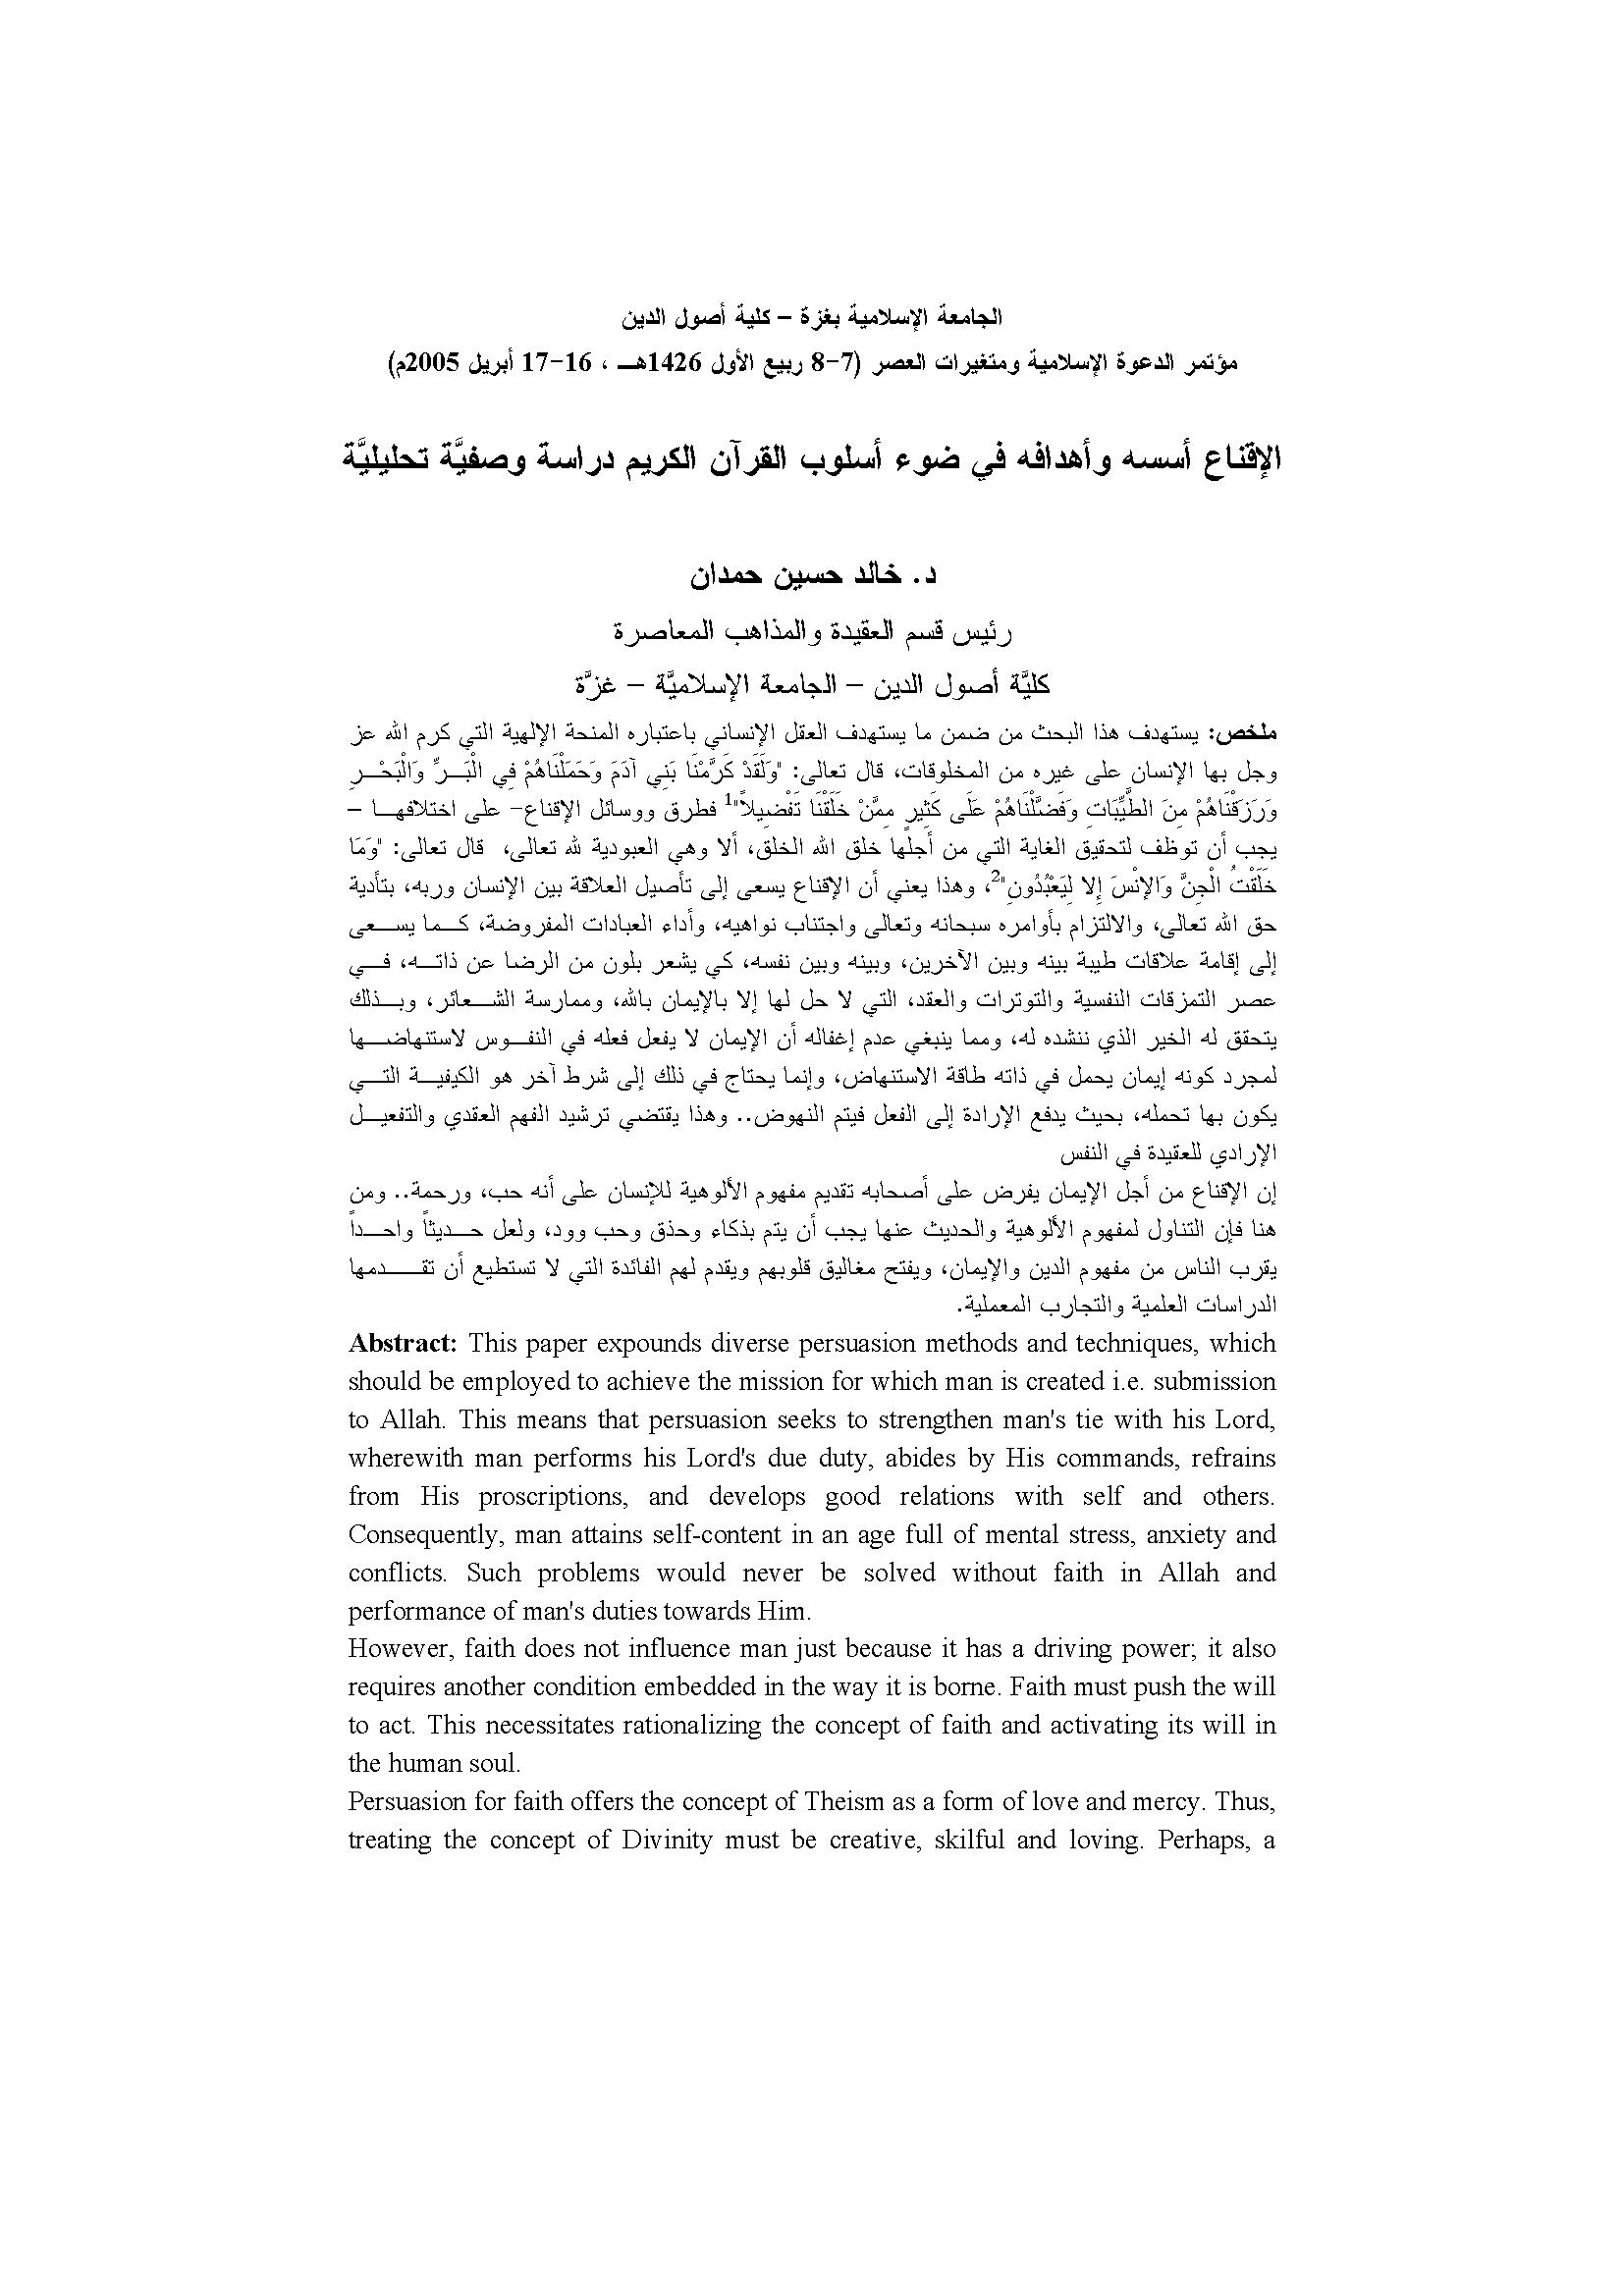 تحميل كتاب الإقناع أسسه وأهدافه في ضوء القرآن الكريم (دراسة وصفية تحليلية) لـِ: الدكتور خالد حسين عبد الرحيم حمدان